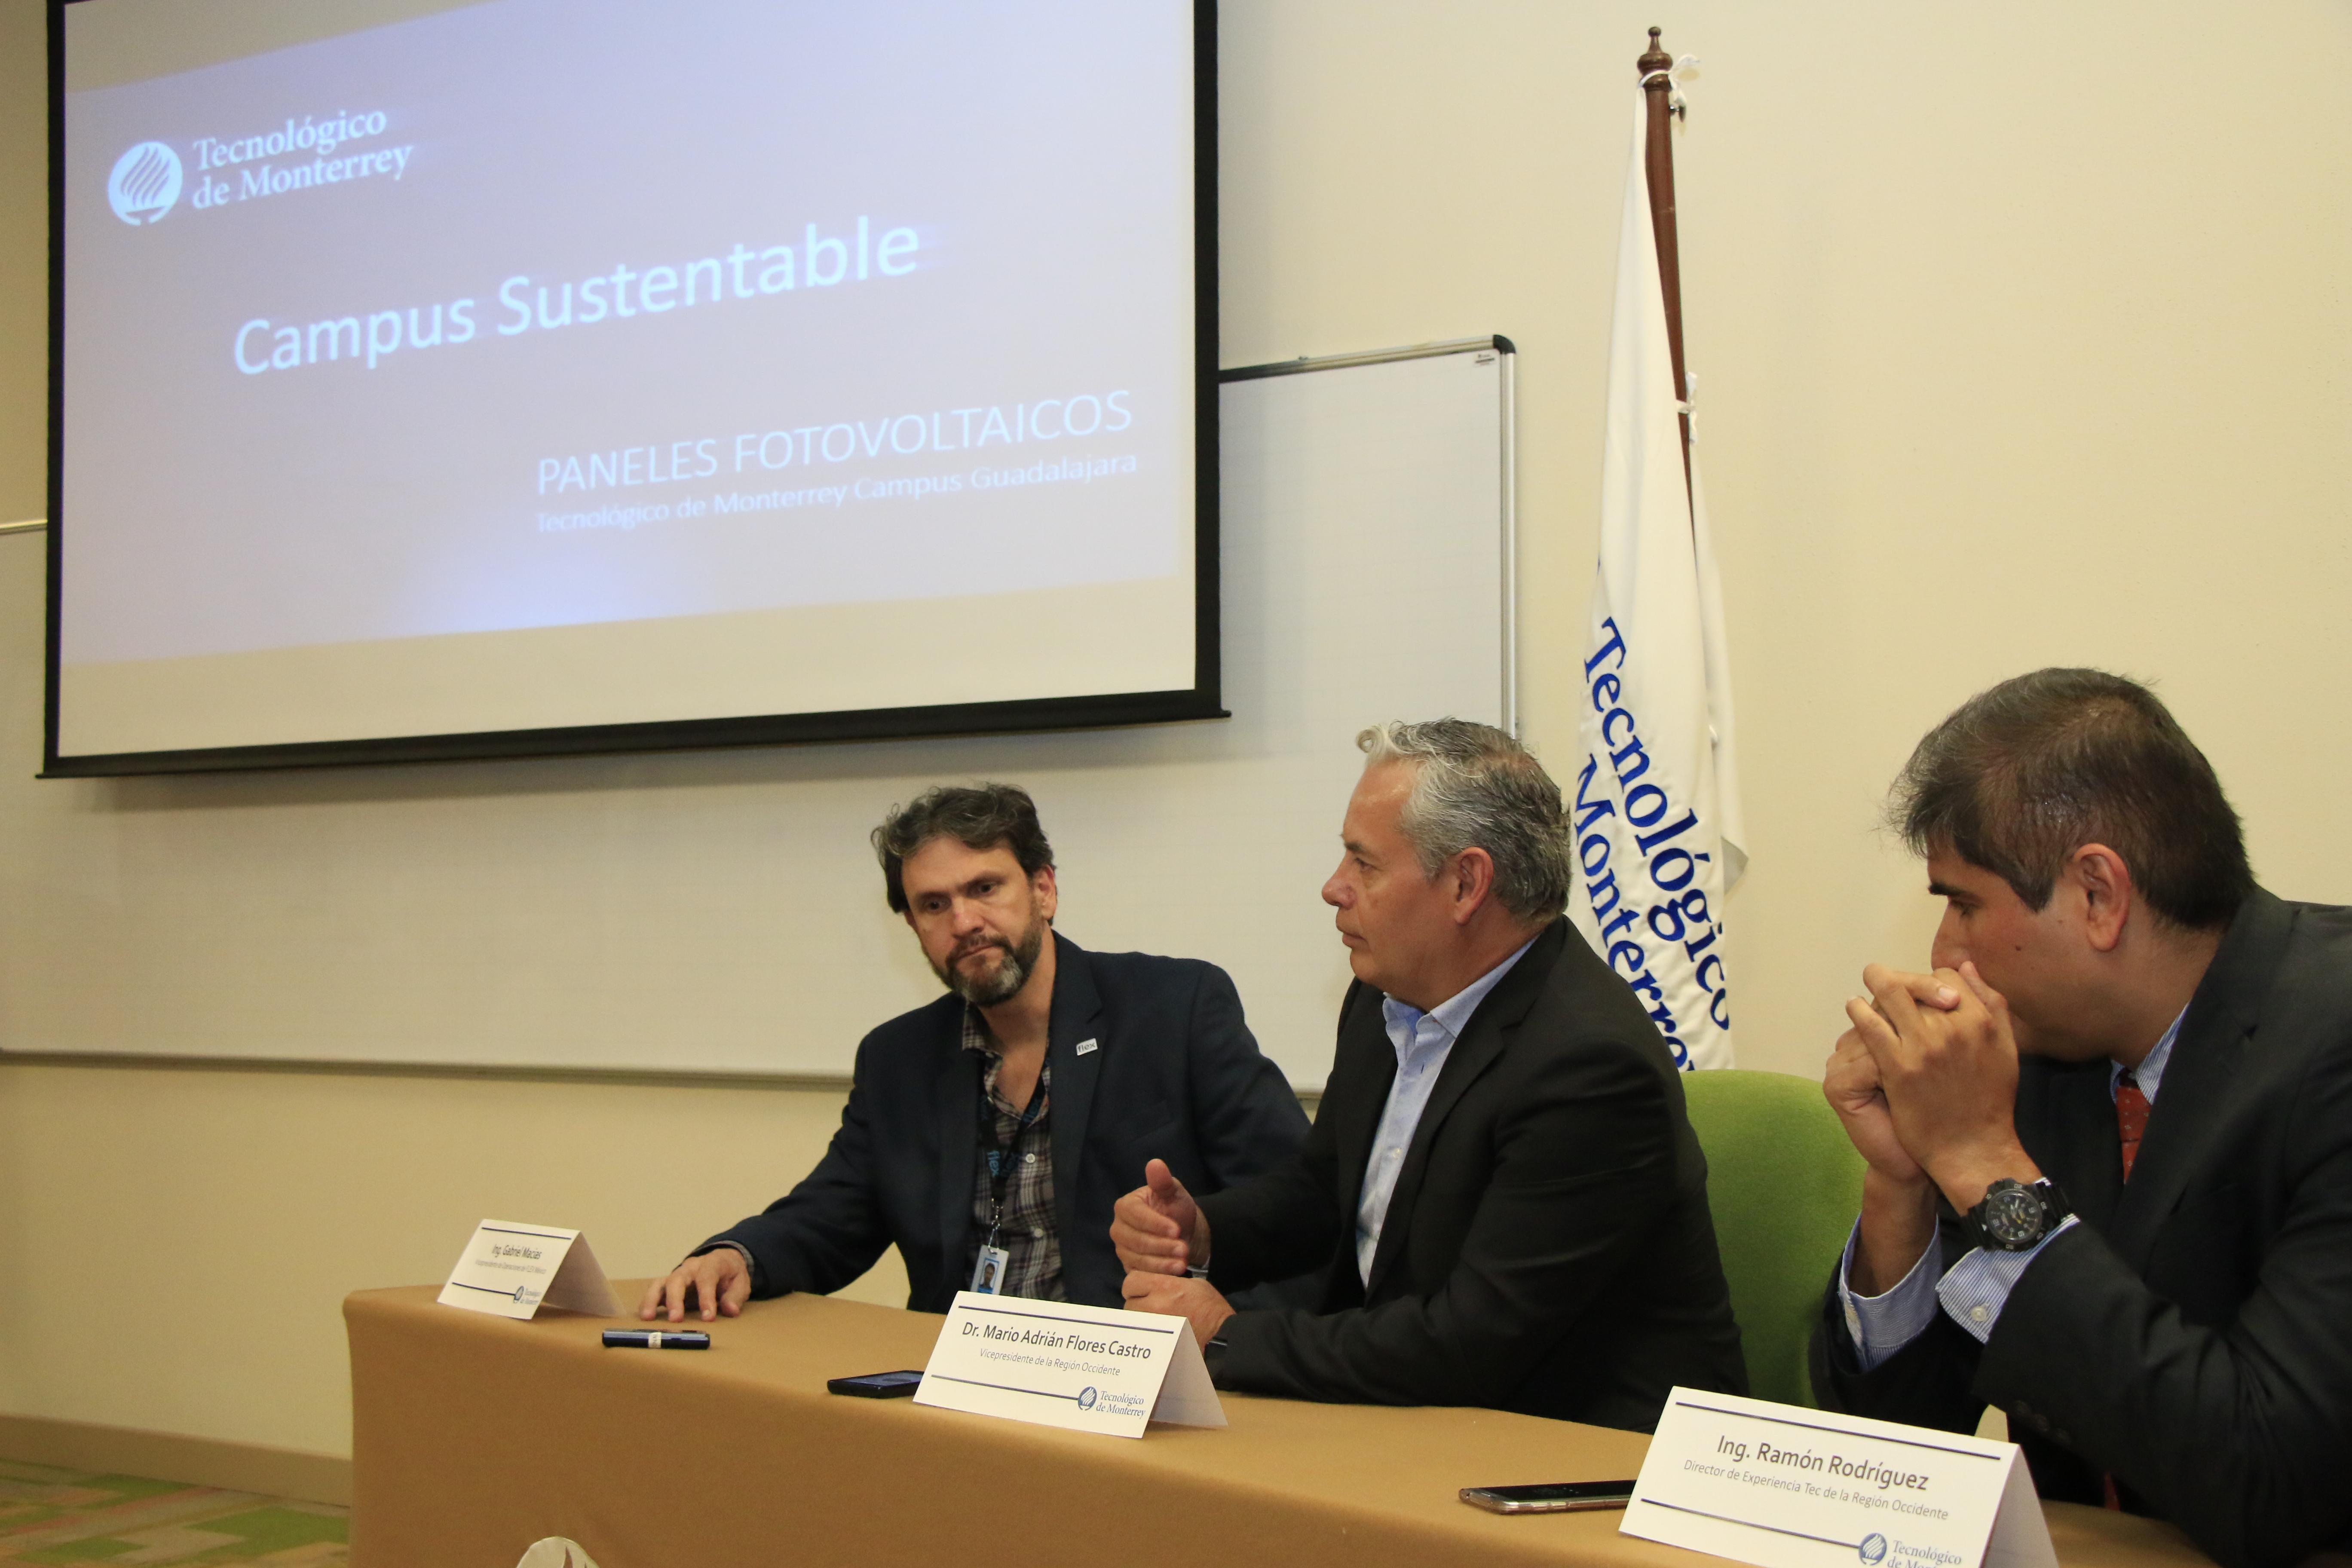 Generan 99 De Energia Renovable Con Paneles Solares Tecnologico De Monterrey